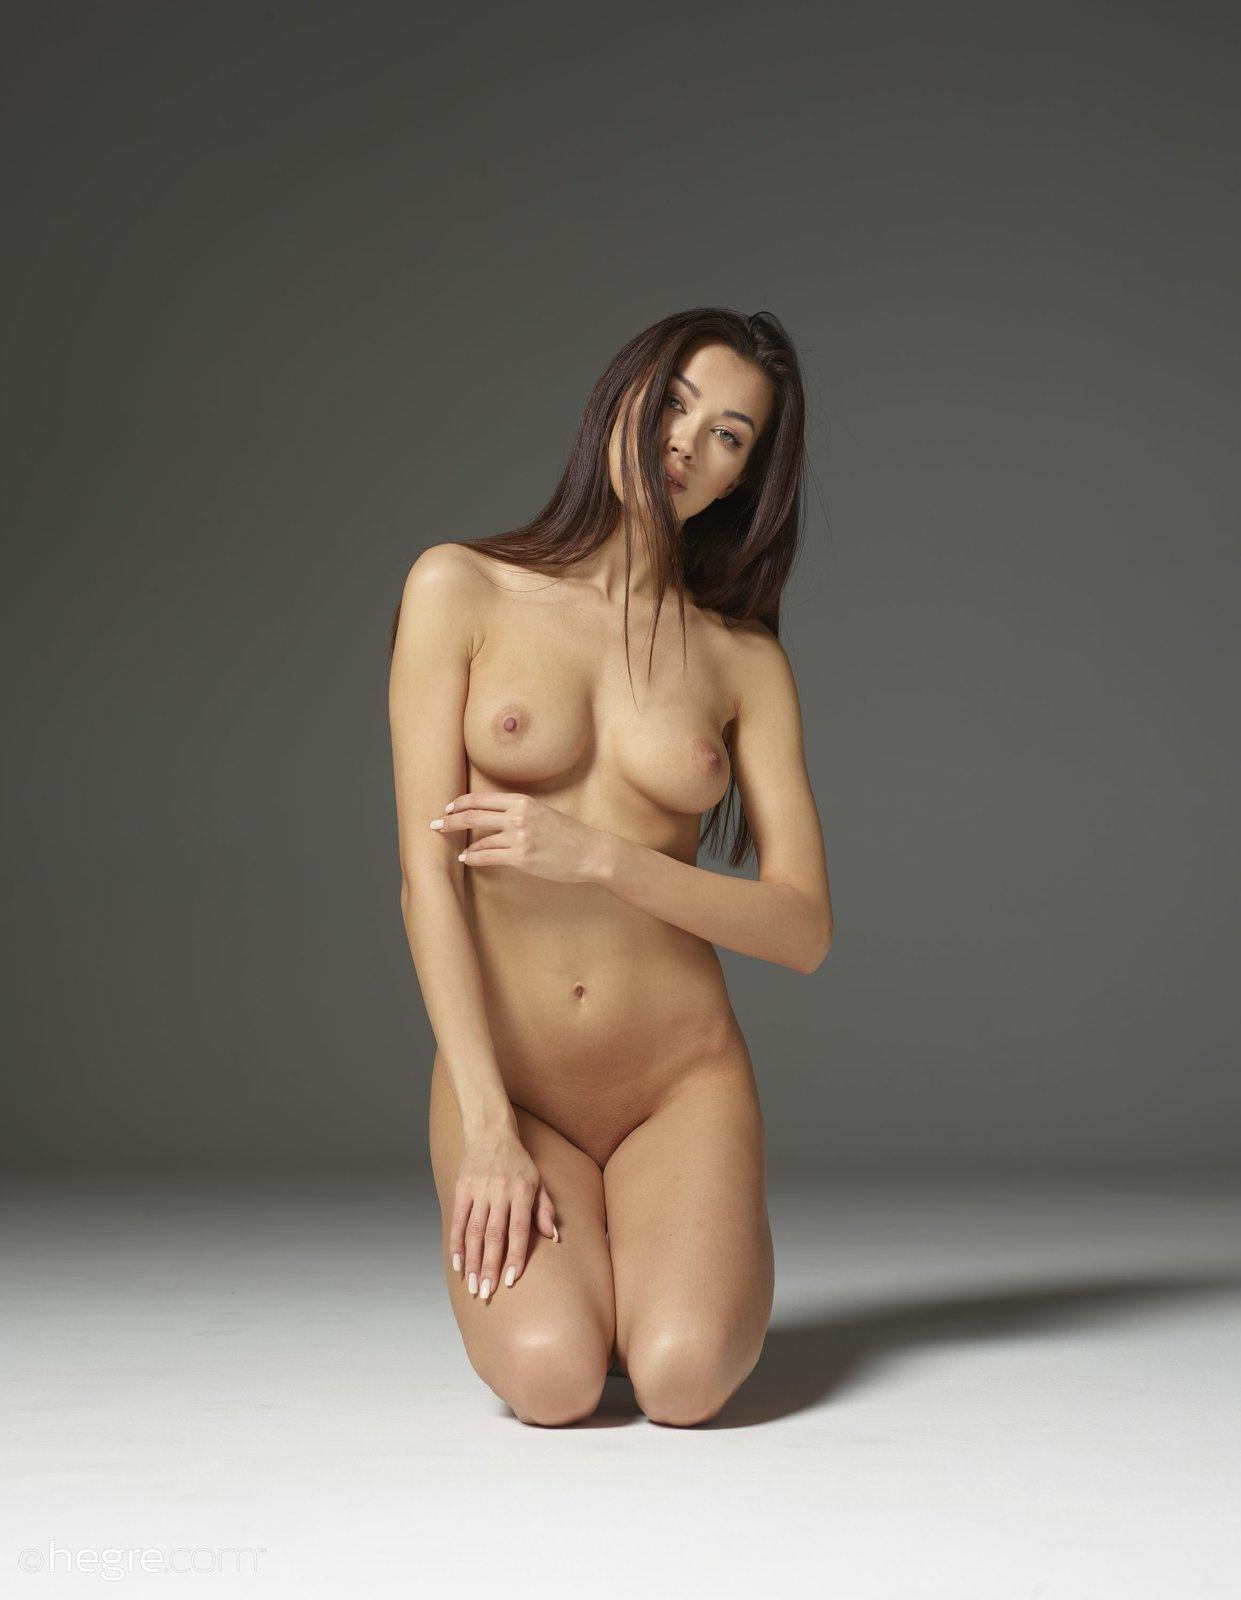 Zdjęcie porno - 0926 - Gorąca seks modelka